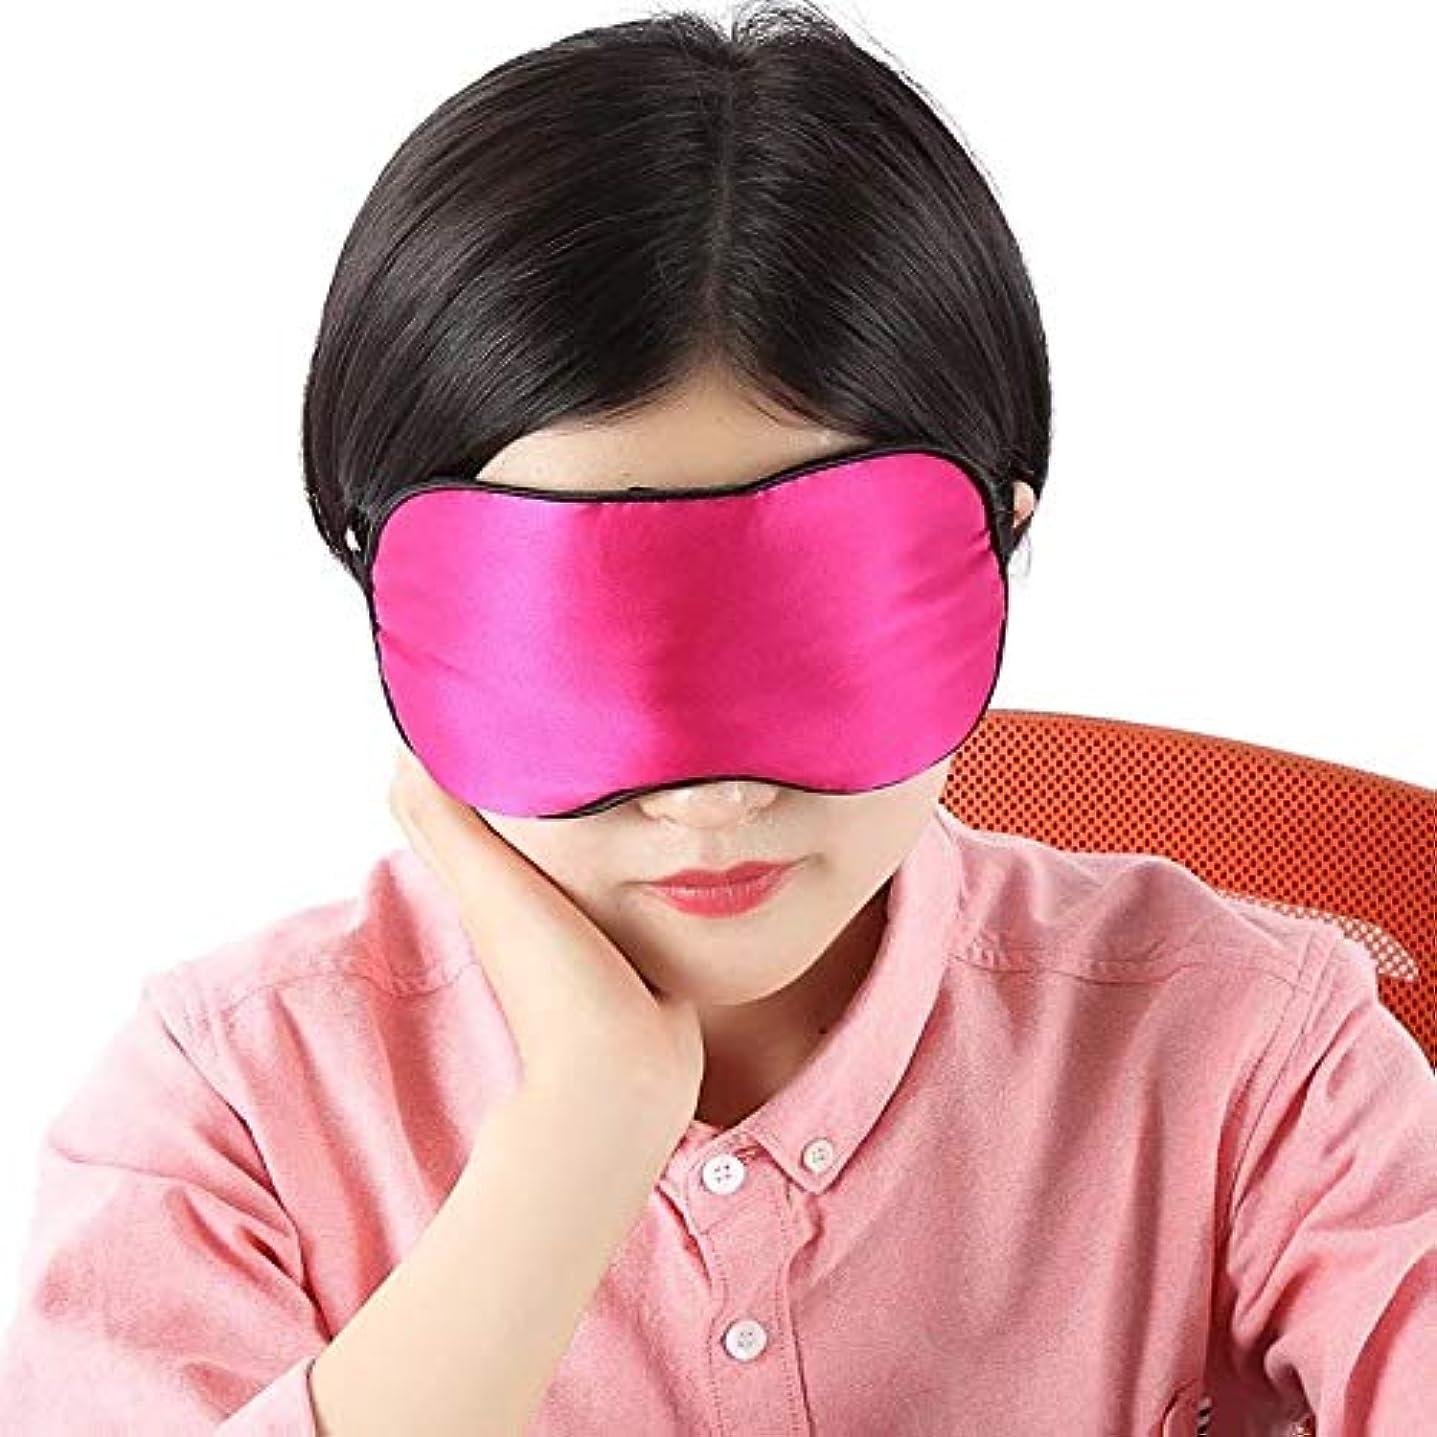 せせらぎ慣習バナナNOTE 1ピース両面シルクホットまたはコールド圧縮リラックス疲労緩和アイシェードアイスリーピングマスク目隠しカバー用良い睡眠